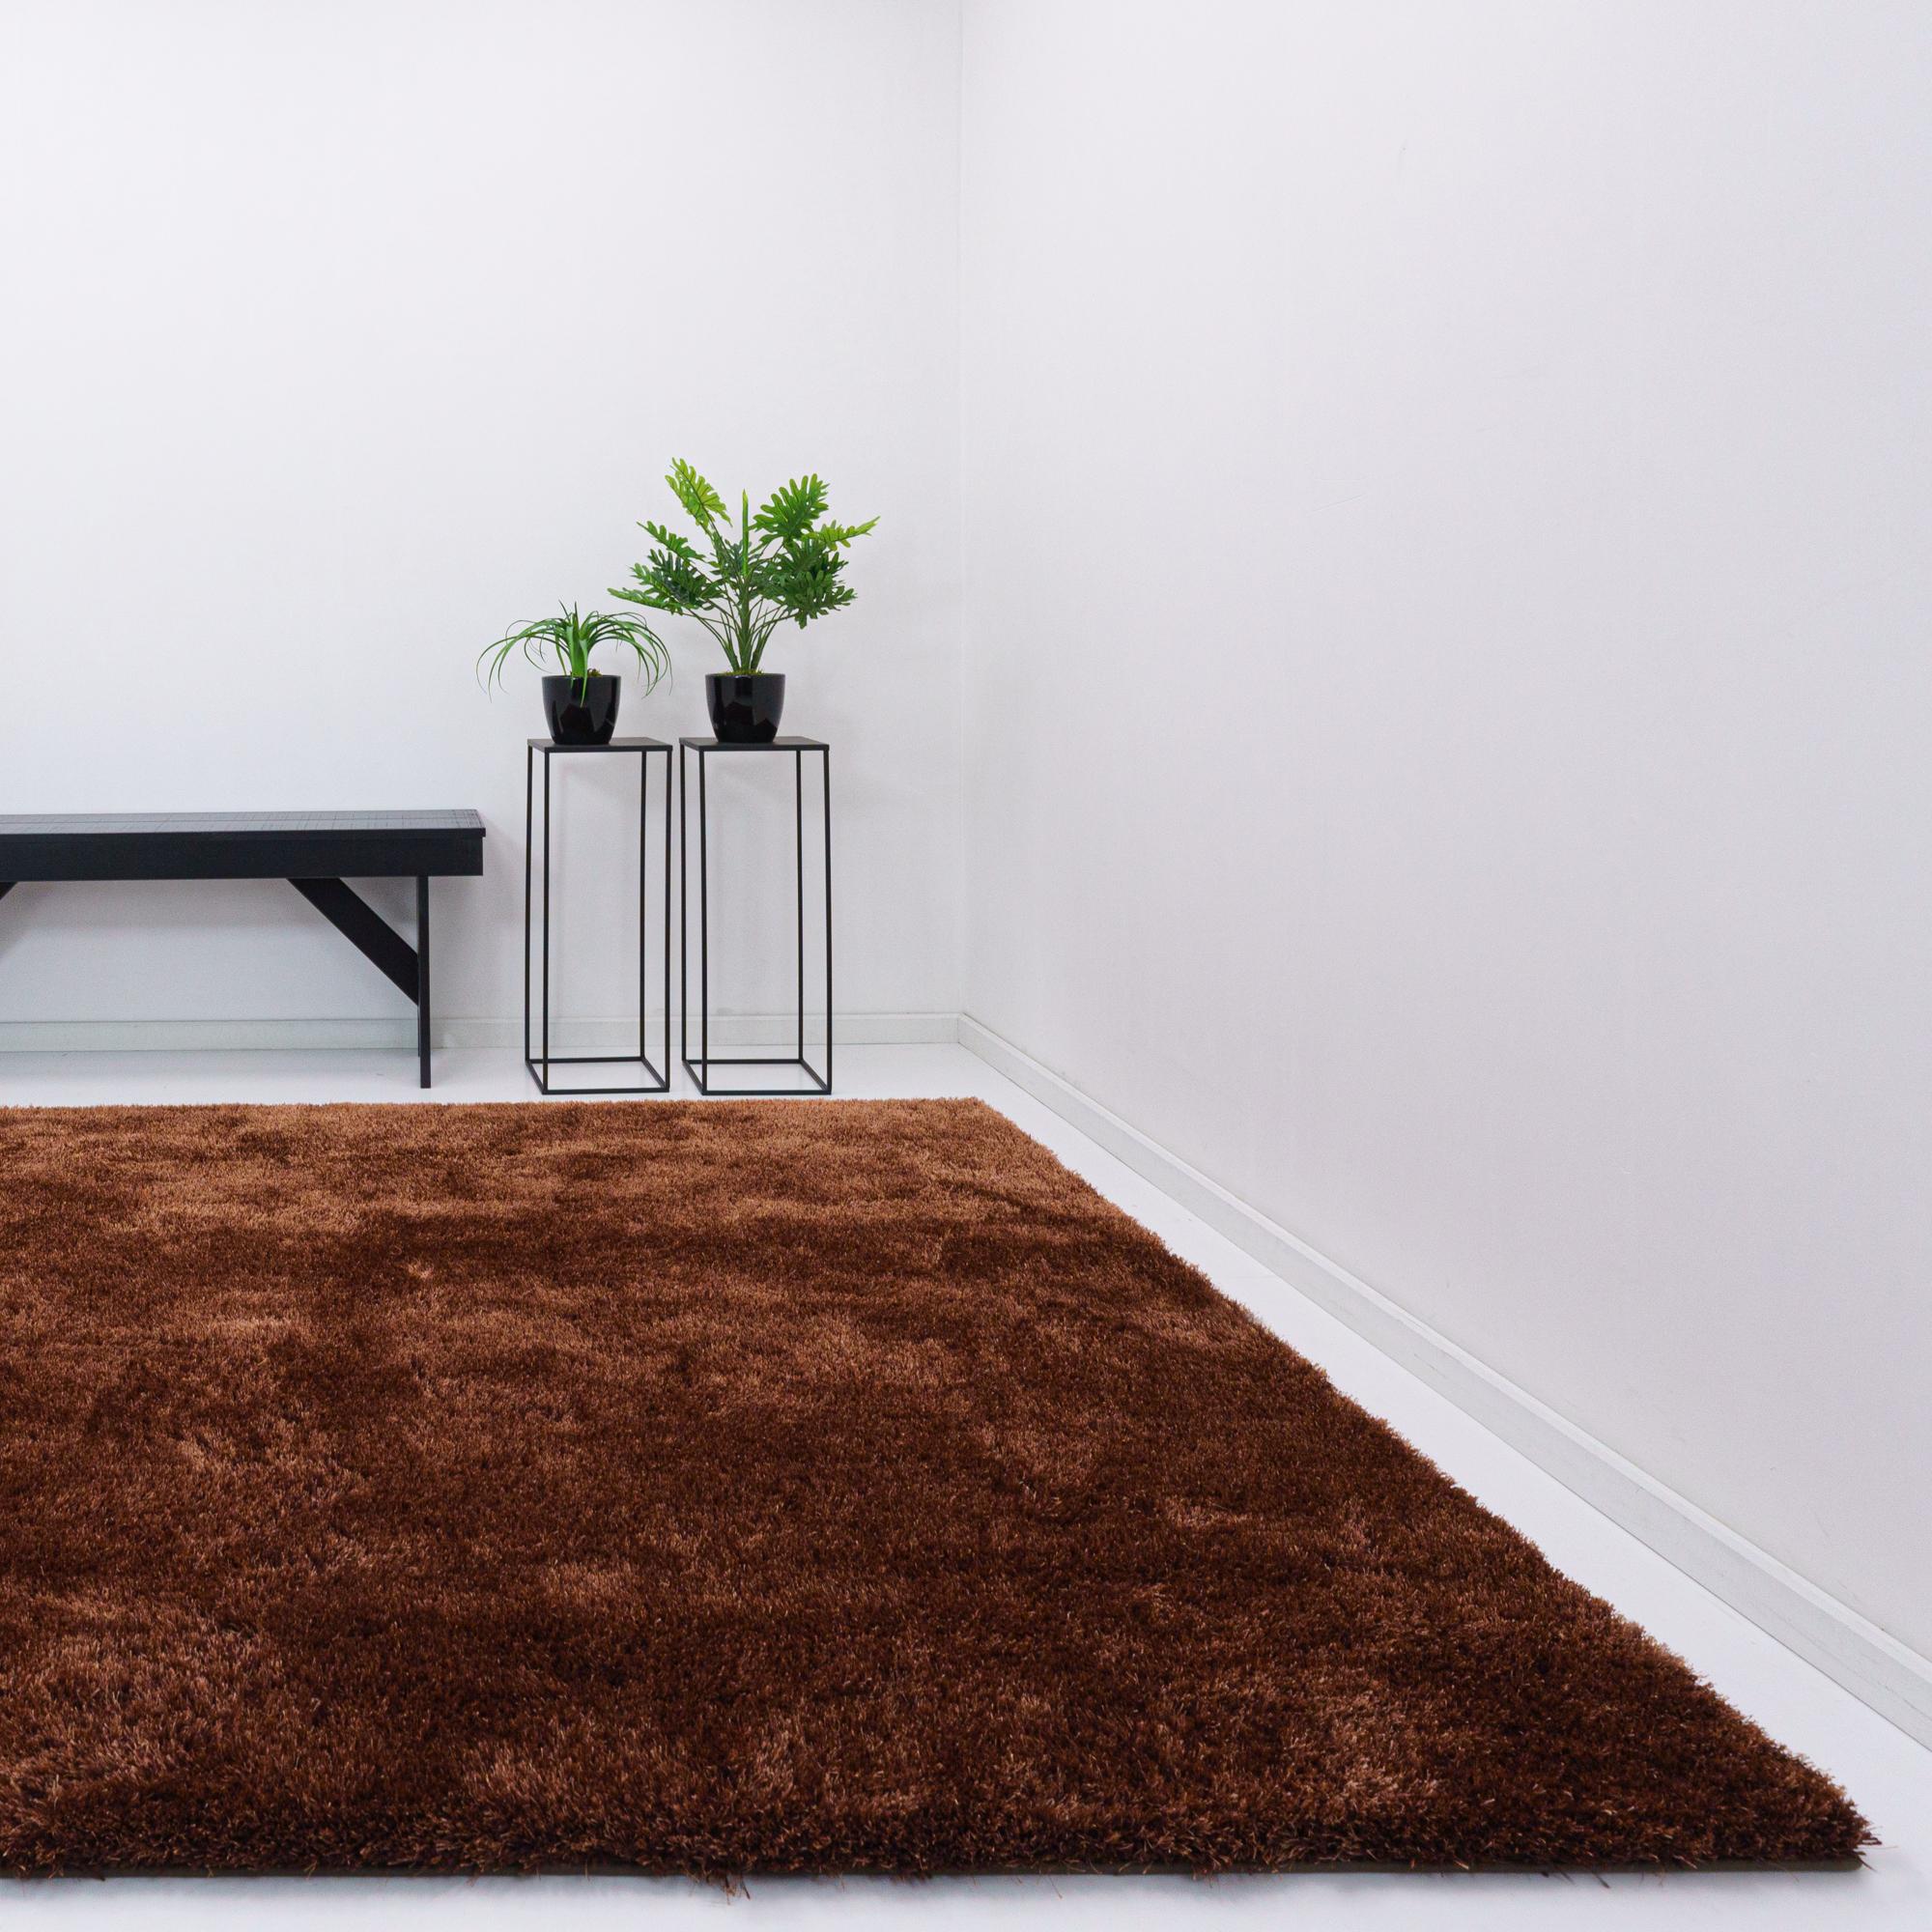 Vloerkleed Xilento Twinkle Cooper | 170 x 230 cm